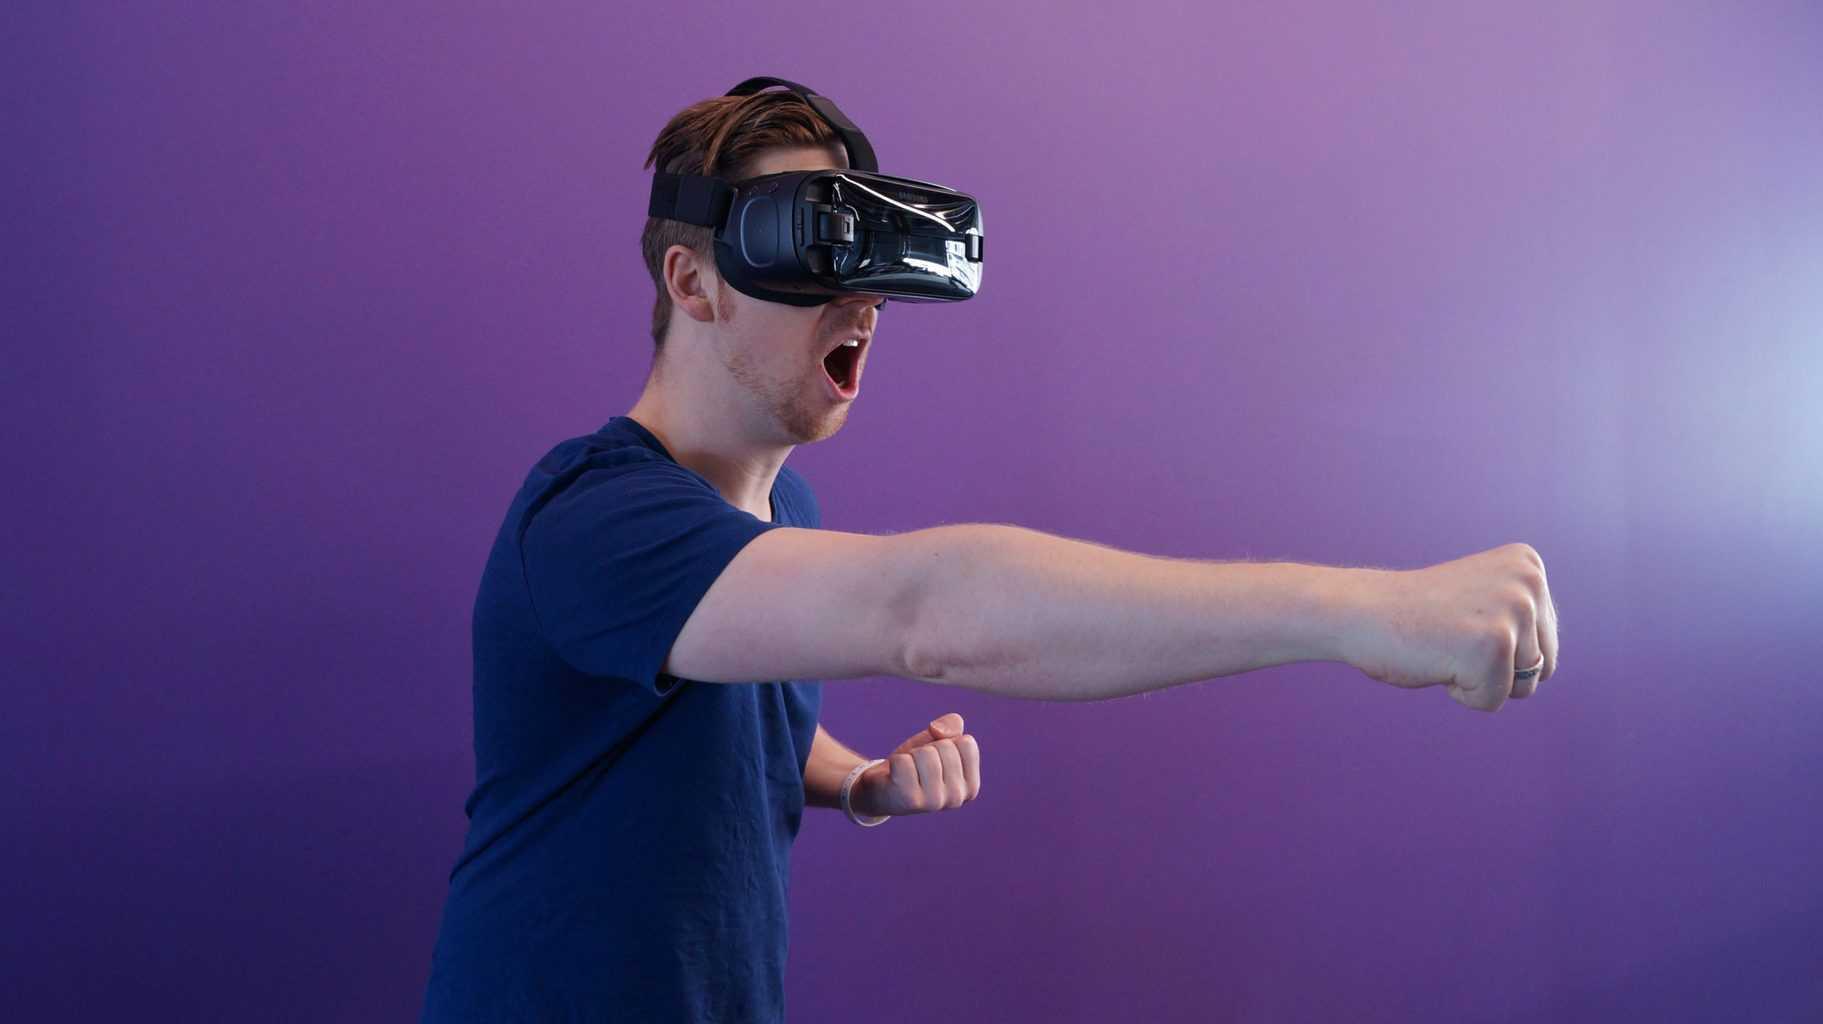 Mejores cascos de VR en 2020: La realidad Virtual en tu mano